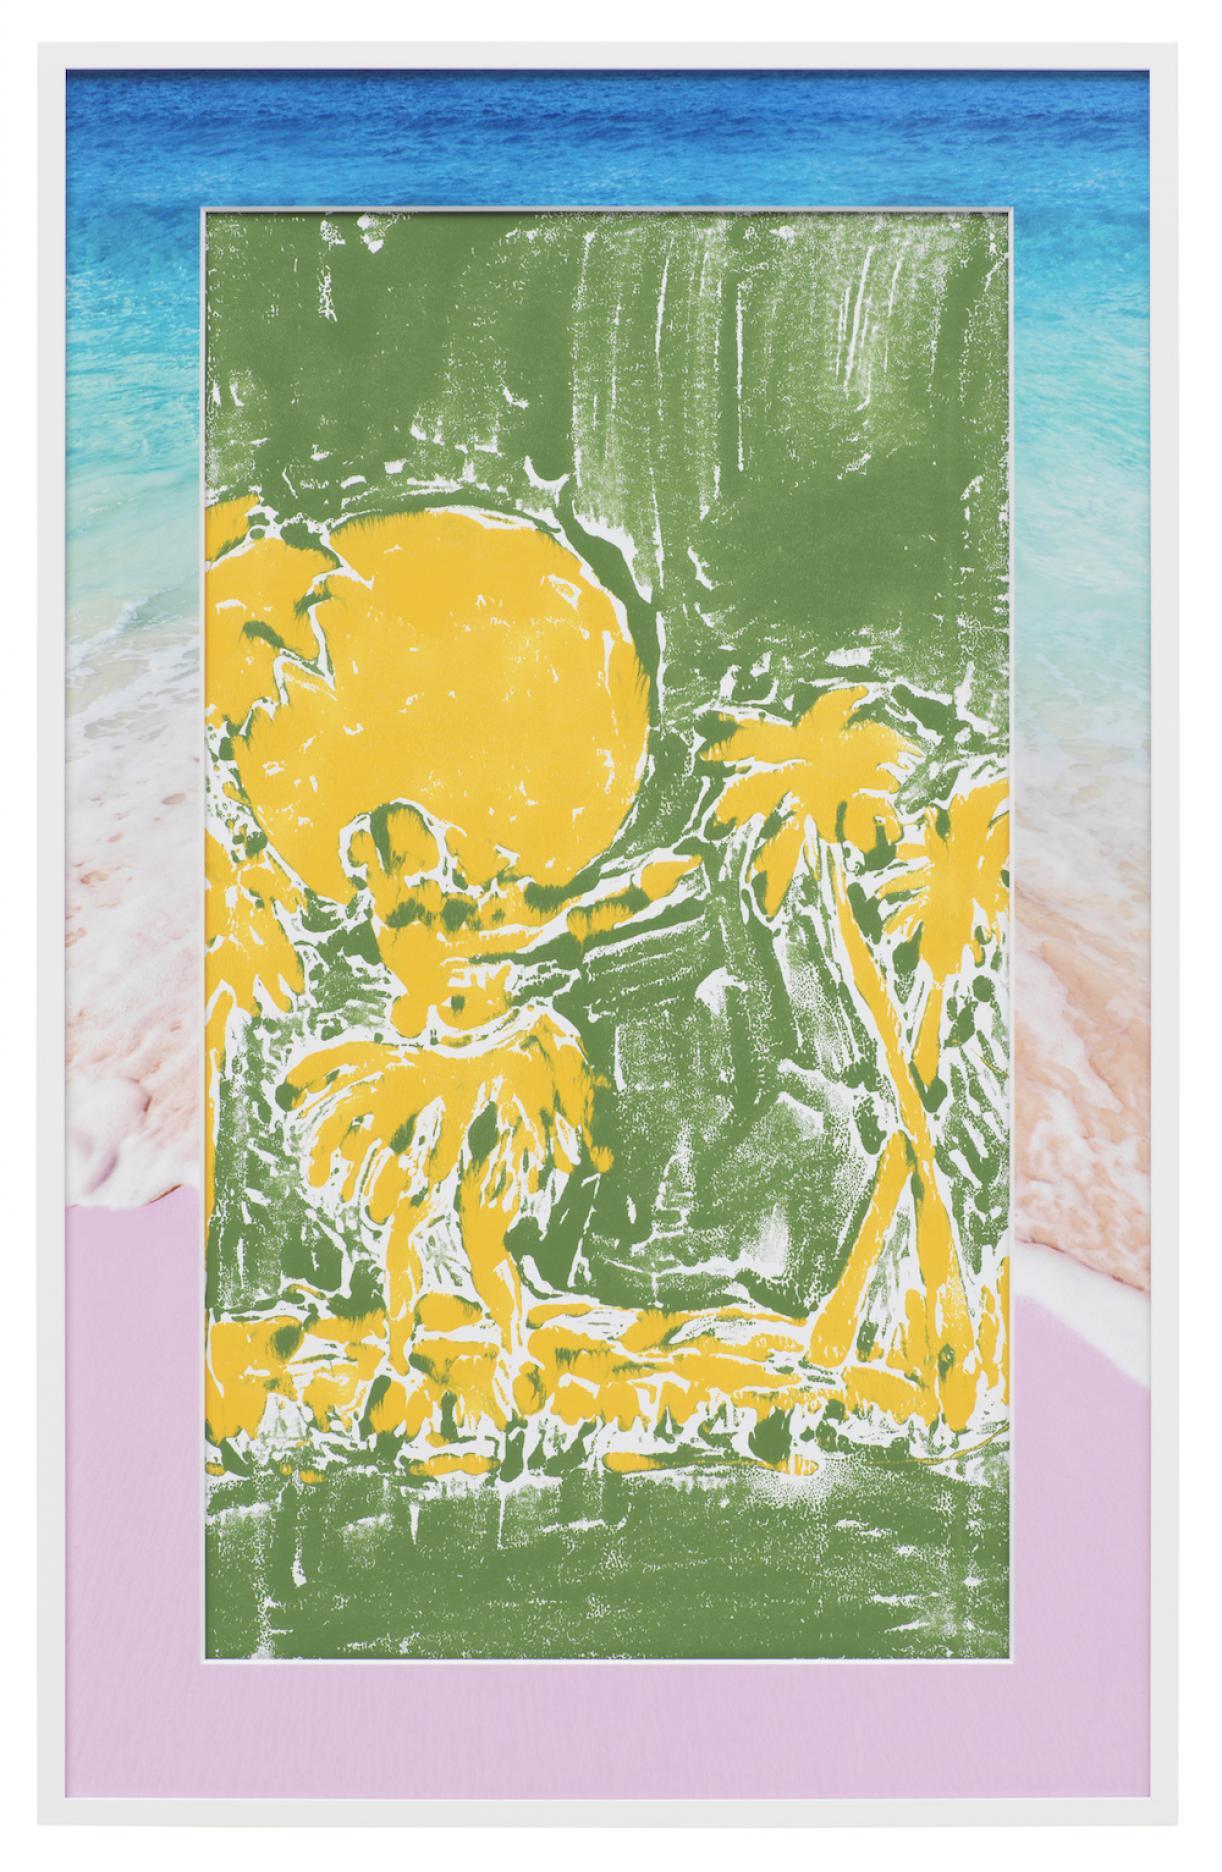 Christine Streuli, Abklatsch / Kennst Du das Land, wo die Zitronen blühen_05, 2017/18, Mixed Media on Paper, framed, 90 x 58 cm